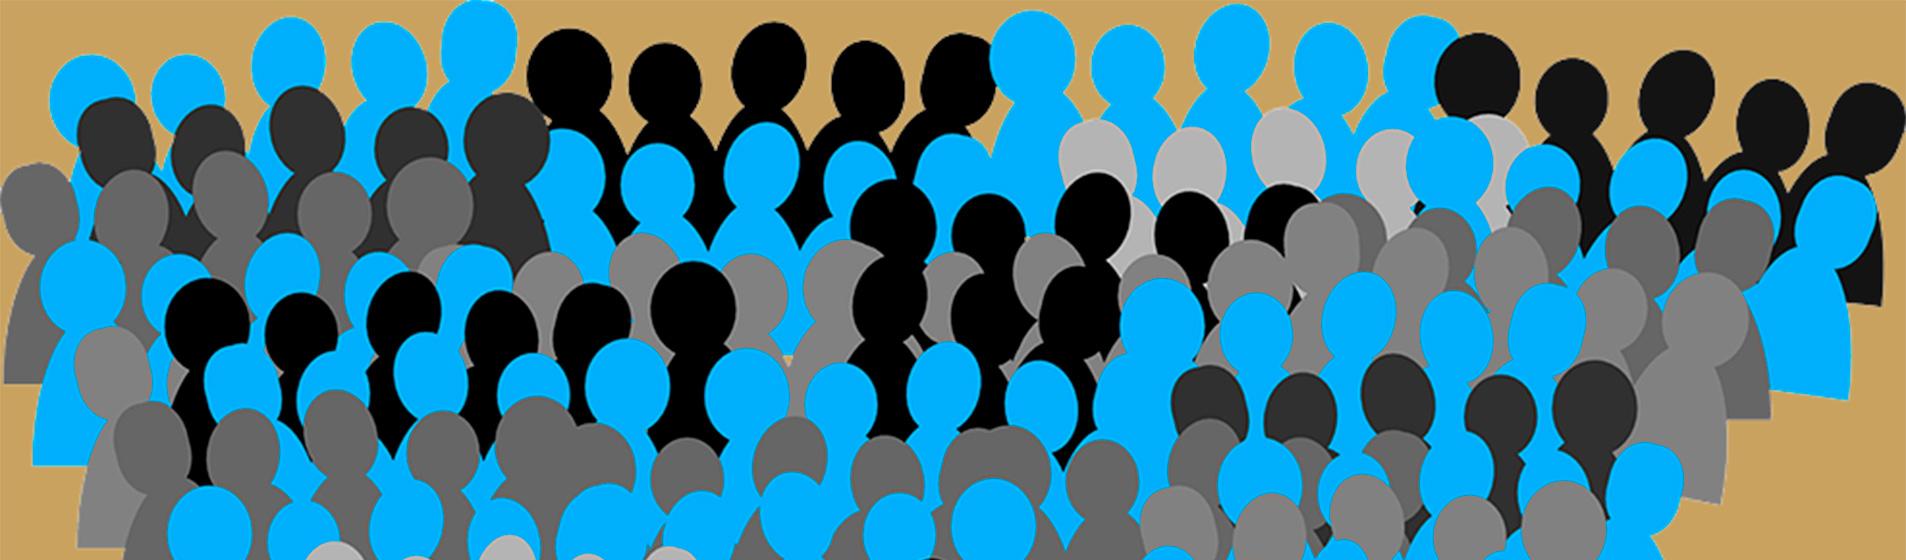 Siluetas simulando una multitud de gente